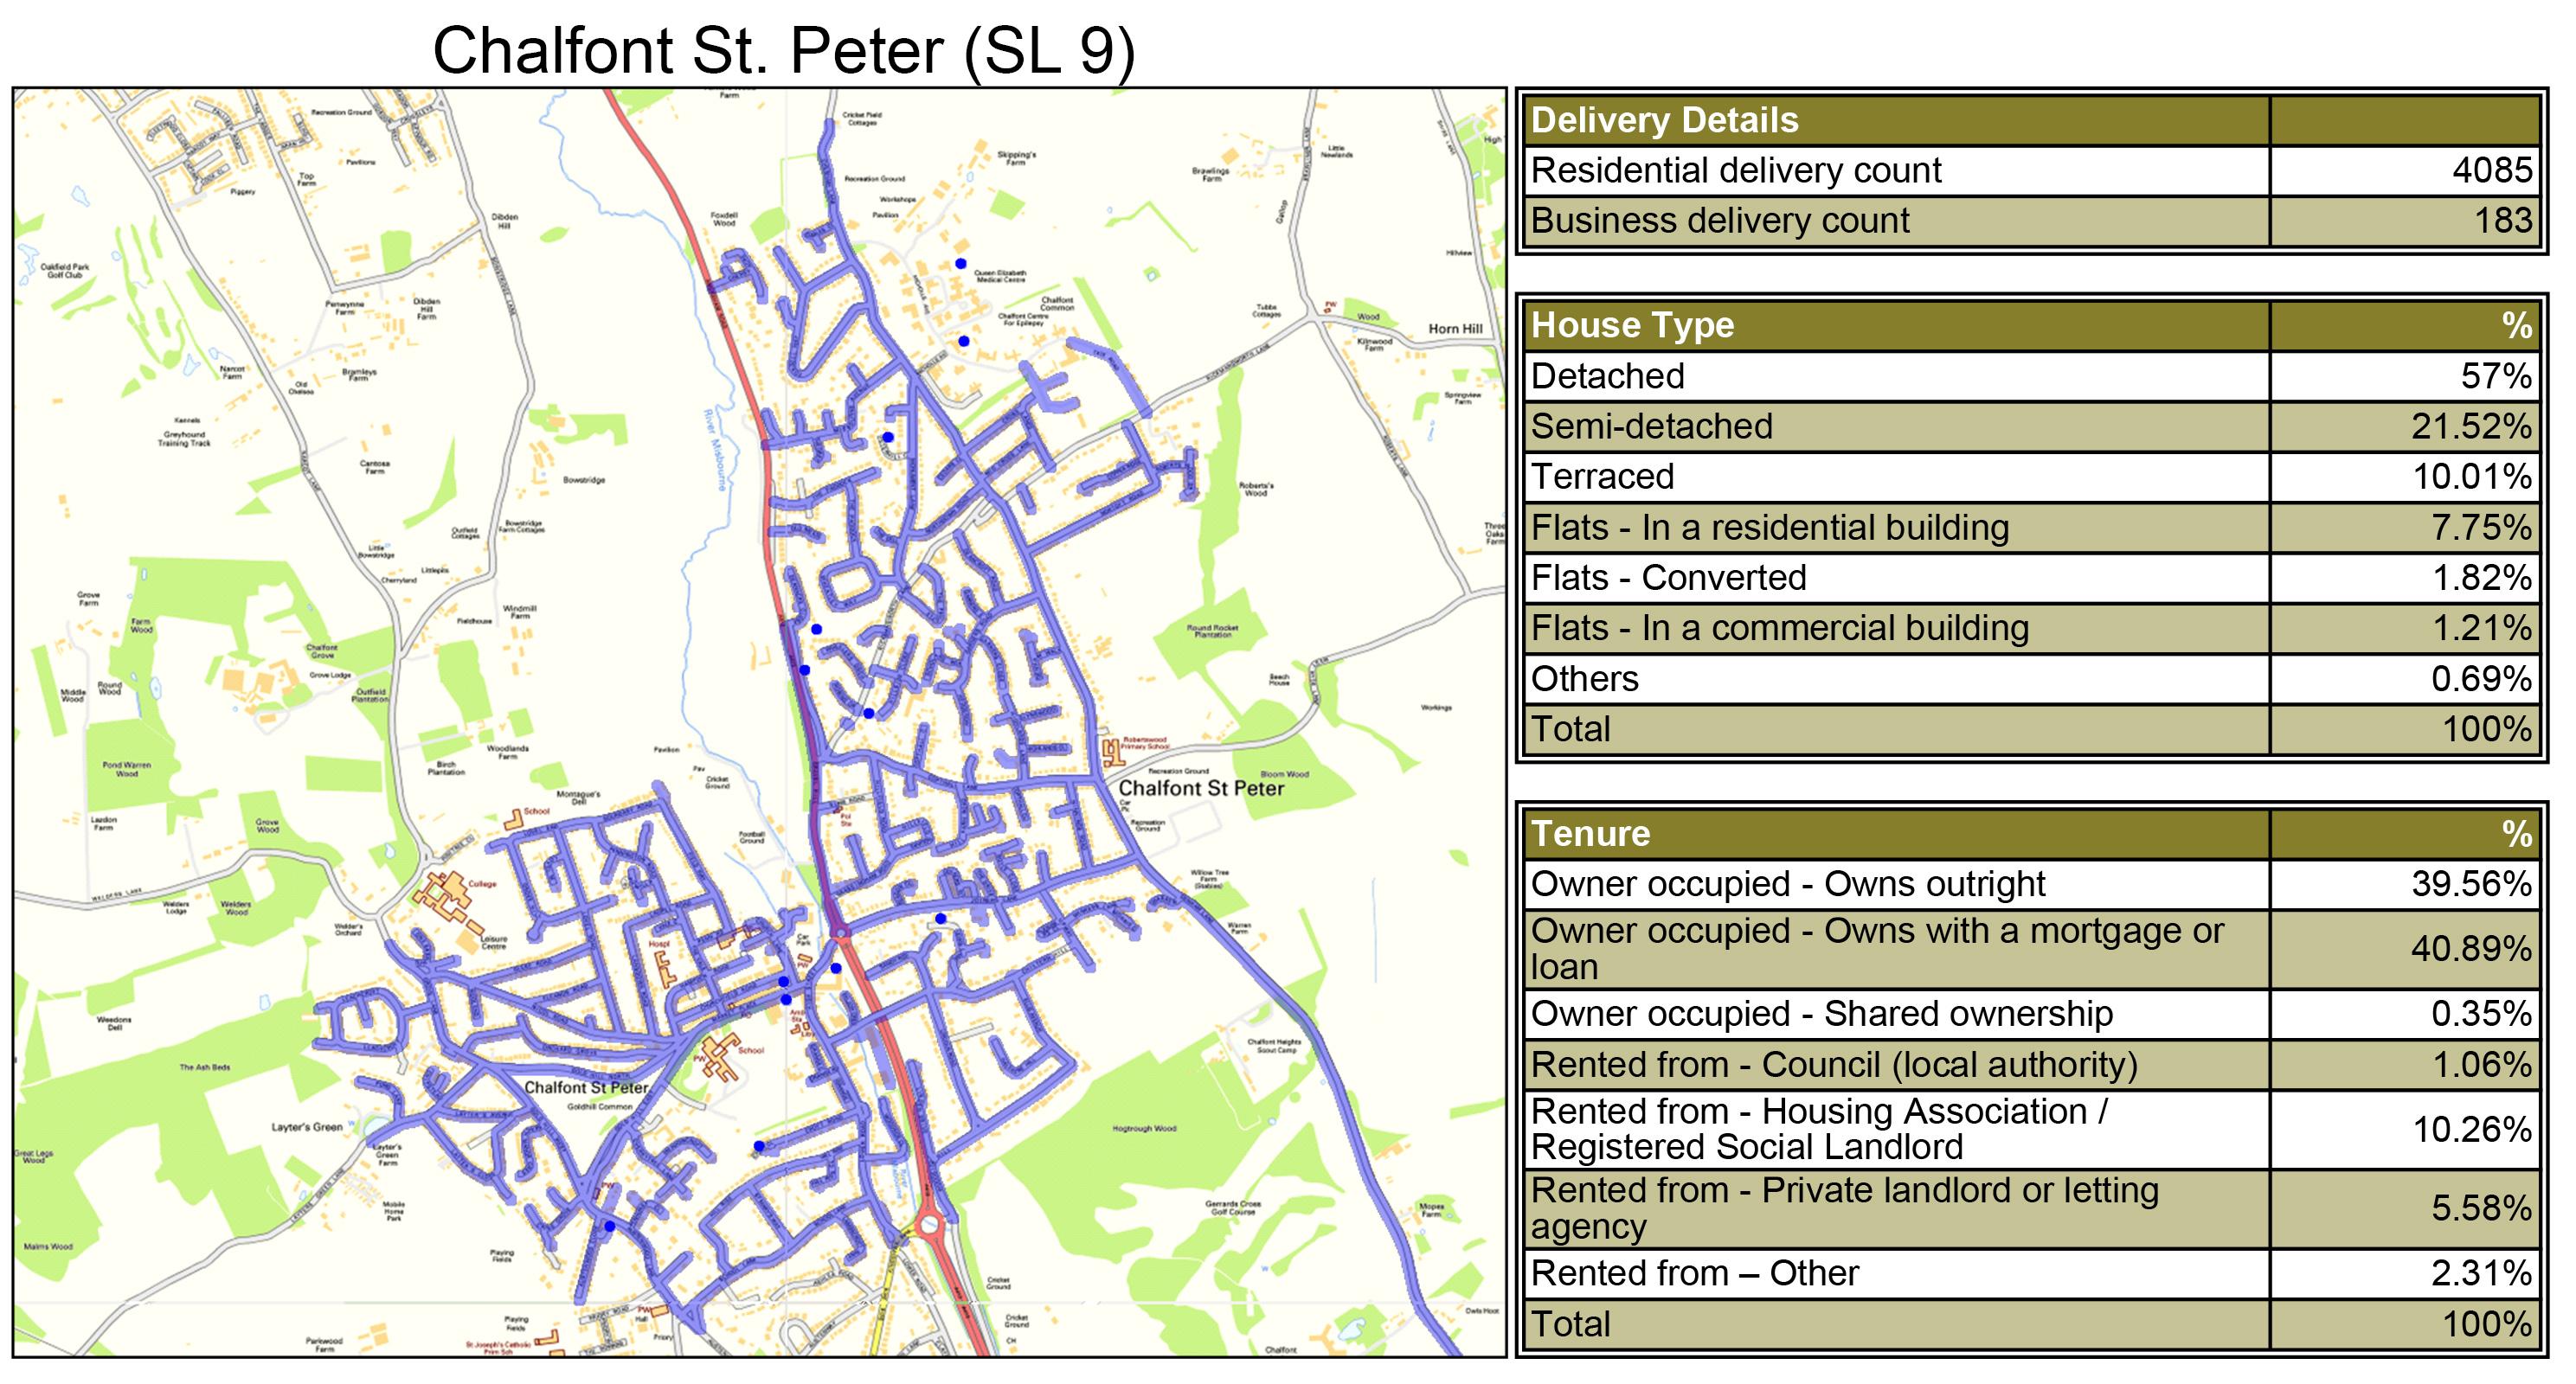 Leaflet Distribution Chalfont St Peter - Geoplan Image